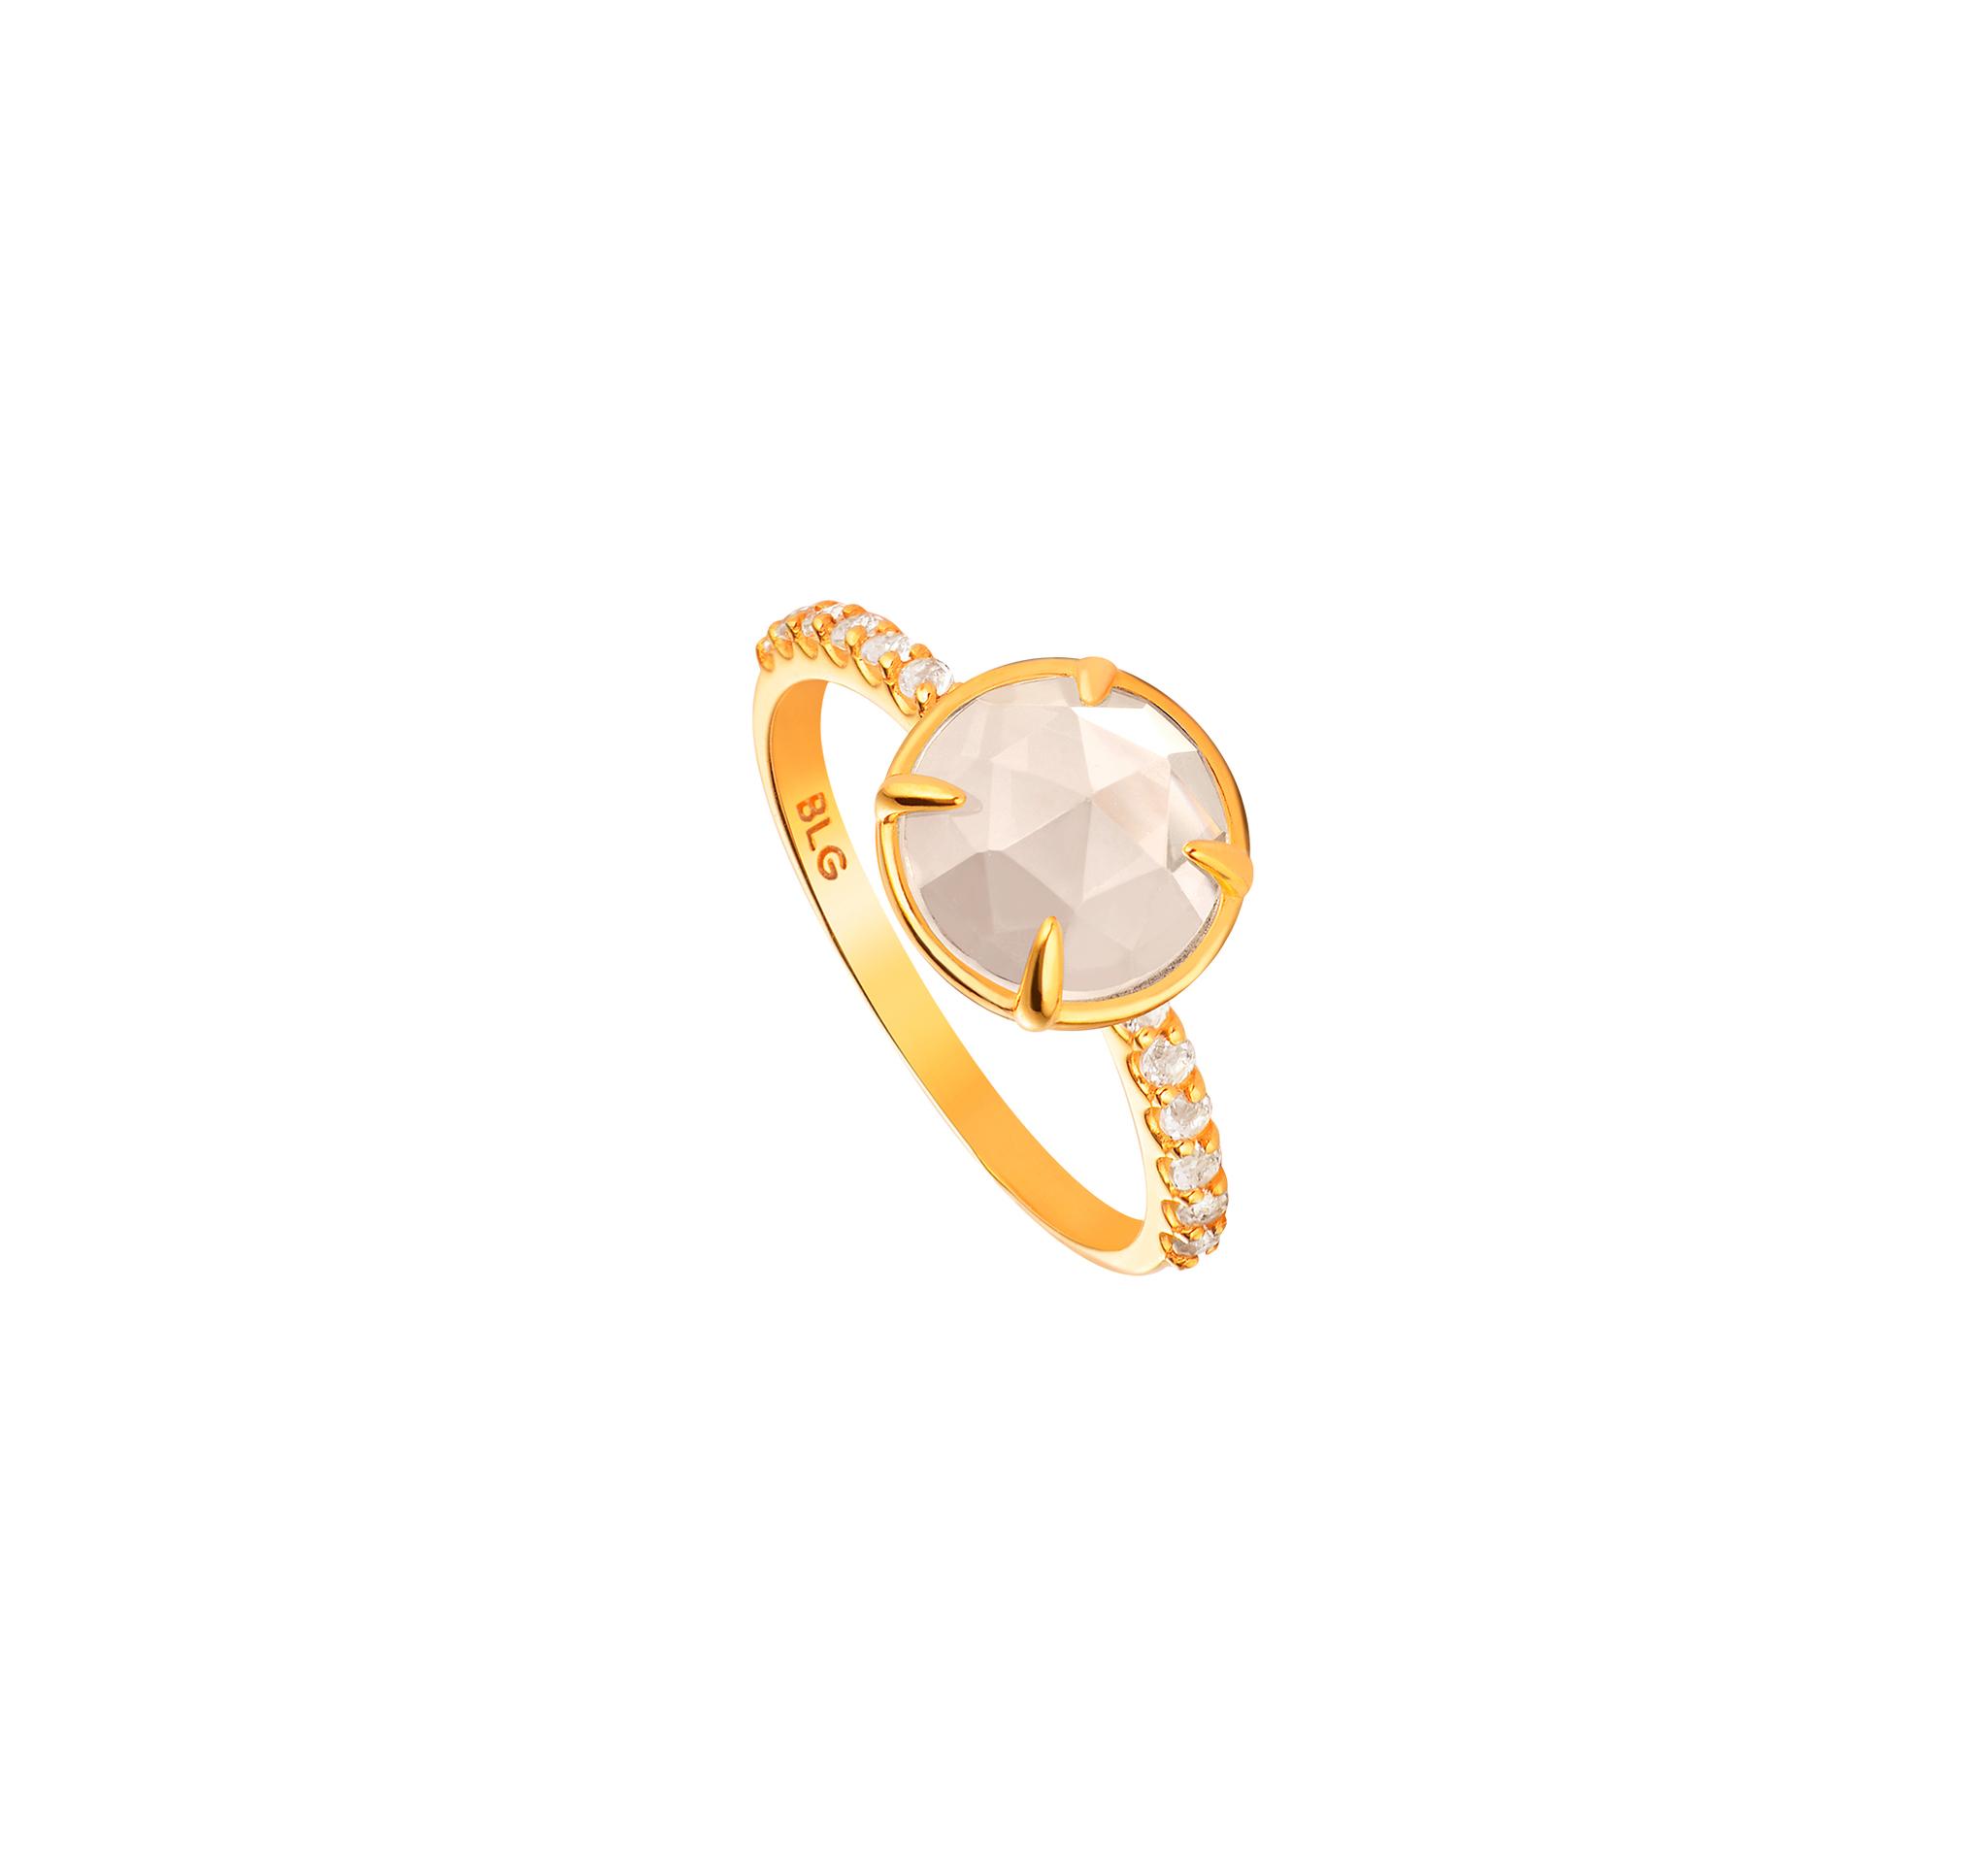 Нежное кольцо из позолоченного серебра с белыми топазами